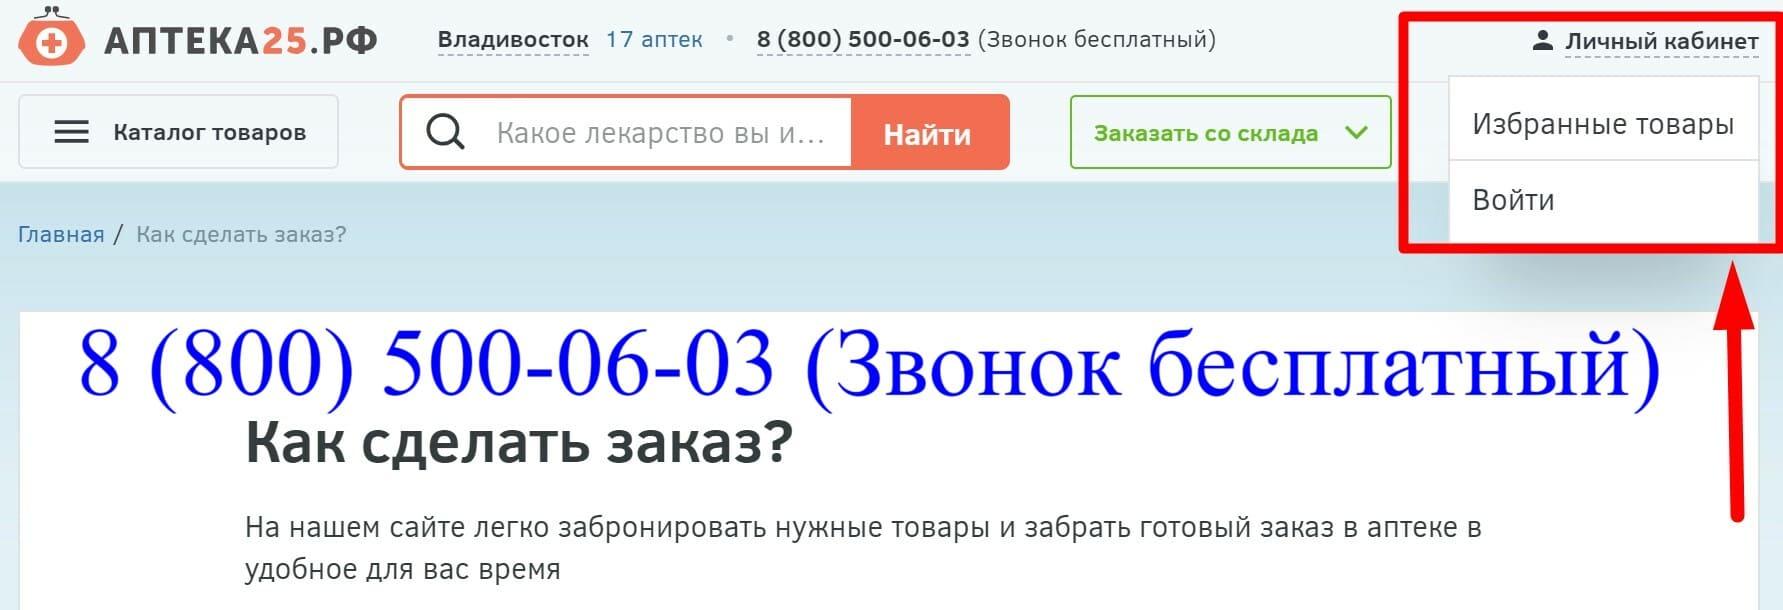 Аптека 25 РФ Владивосток личный кабинет